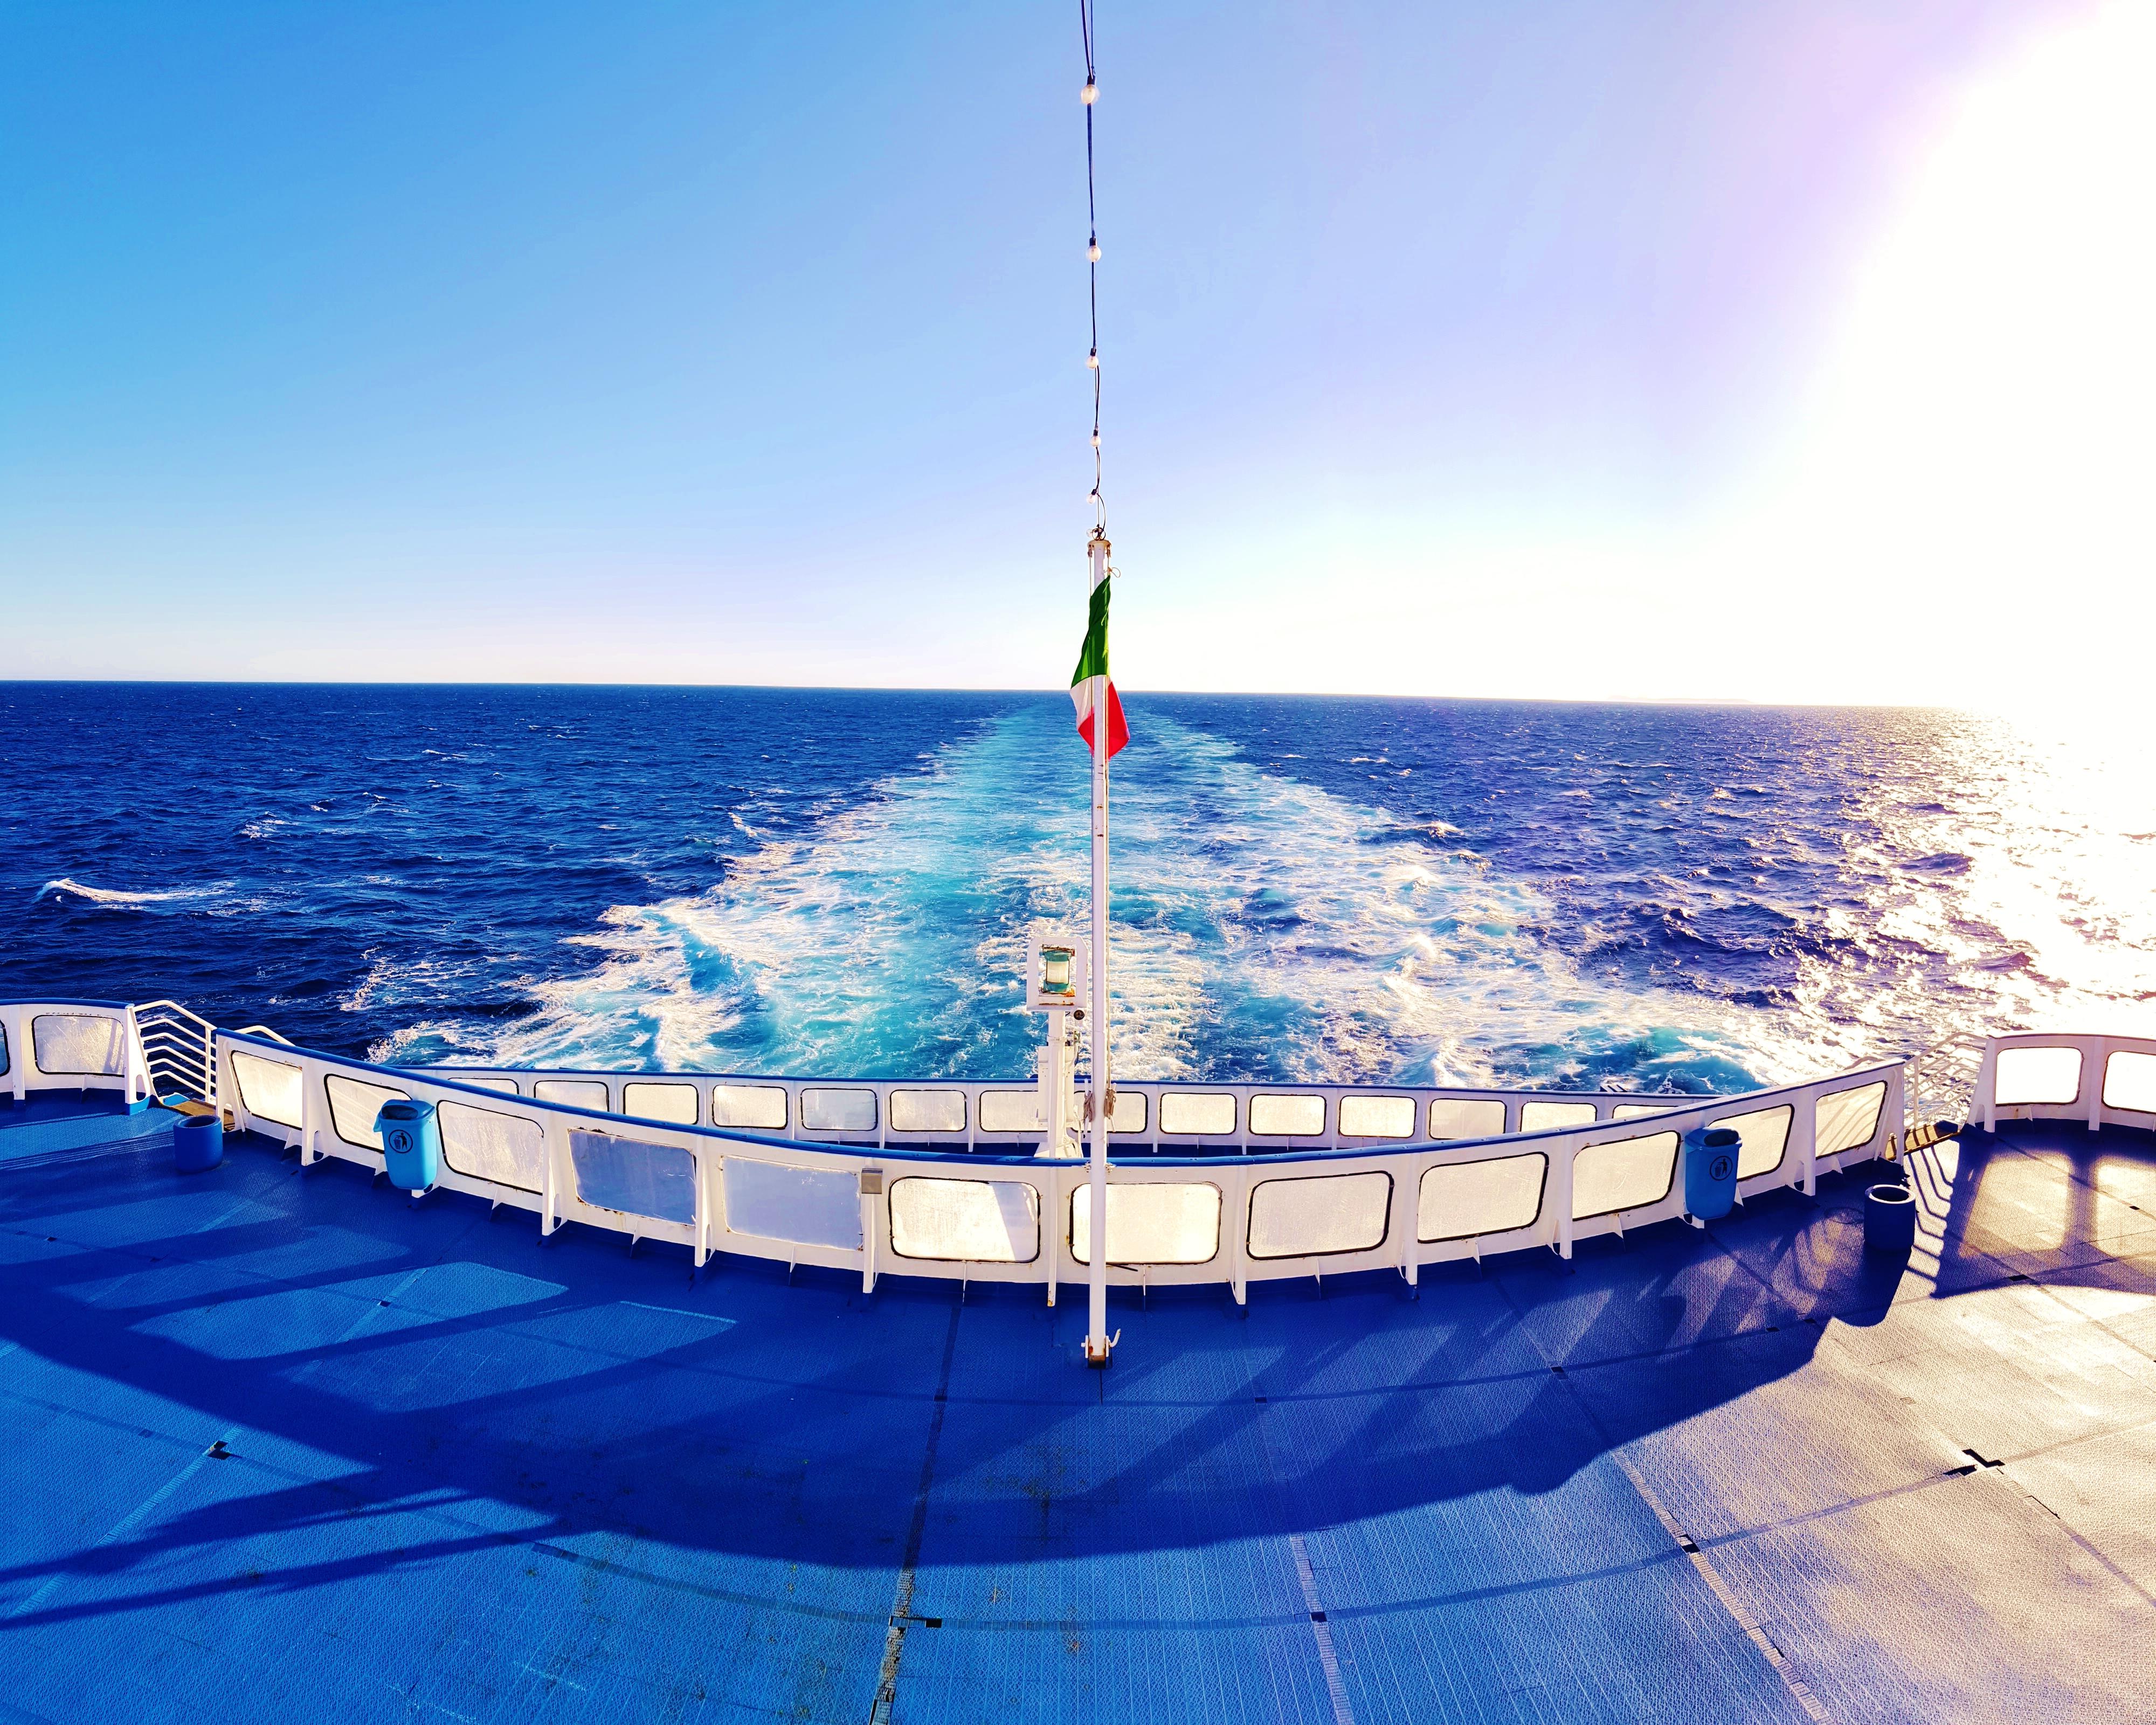 Passeggero e traghetto: tra il sublime e il tempestoso